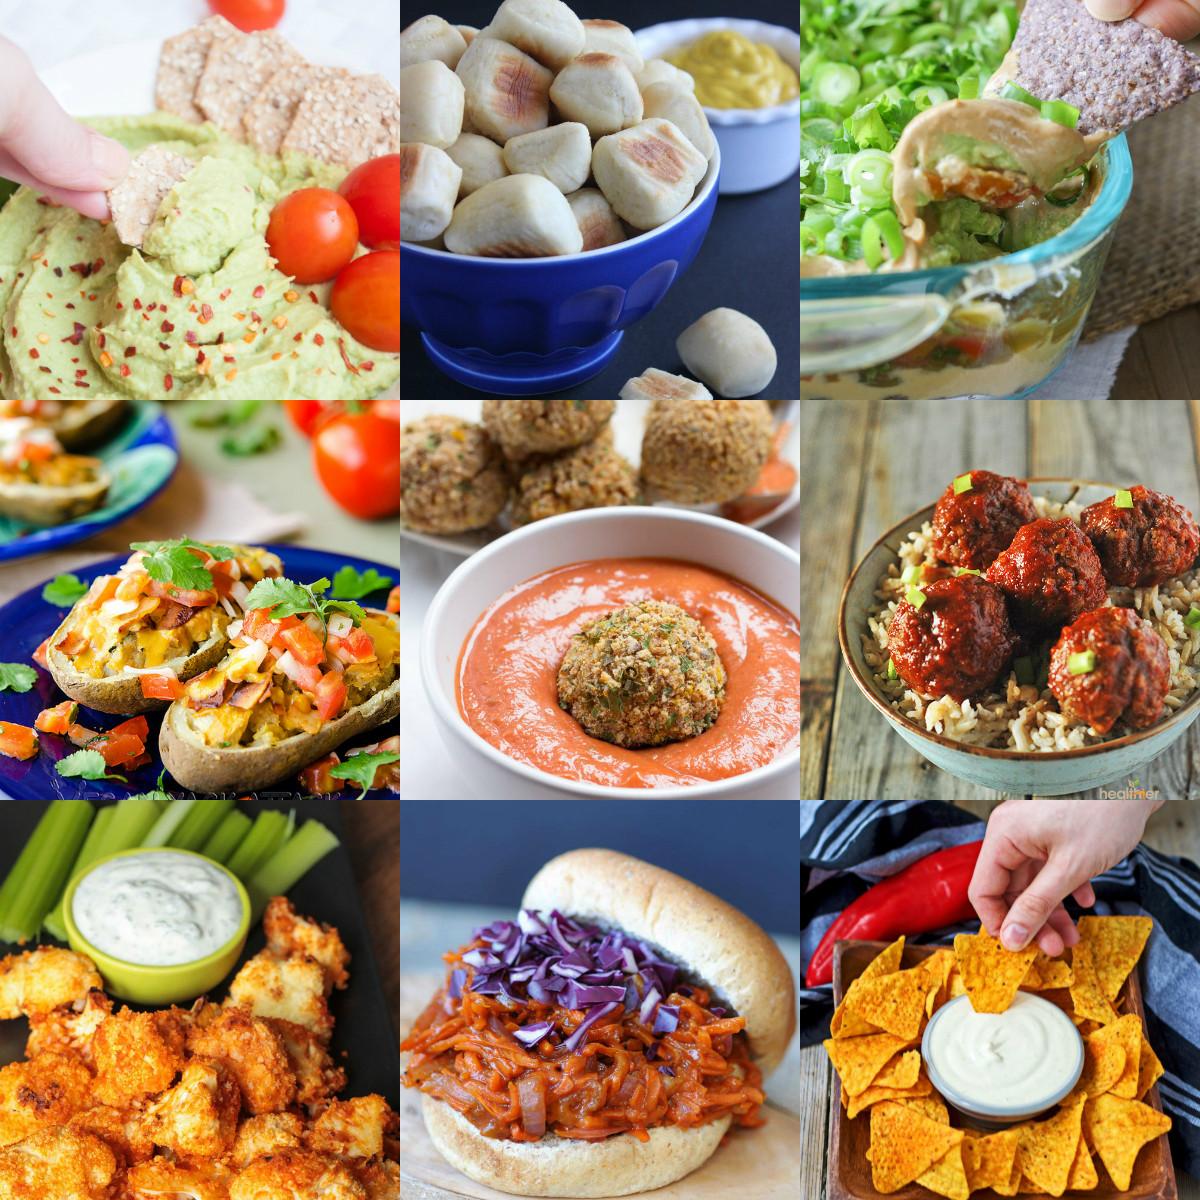 Vegan Snacks Recipes  35 Vegan Super Bowl Recipes